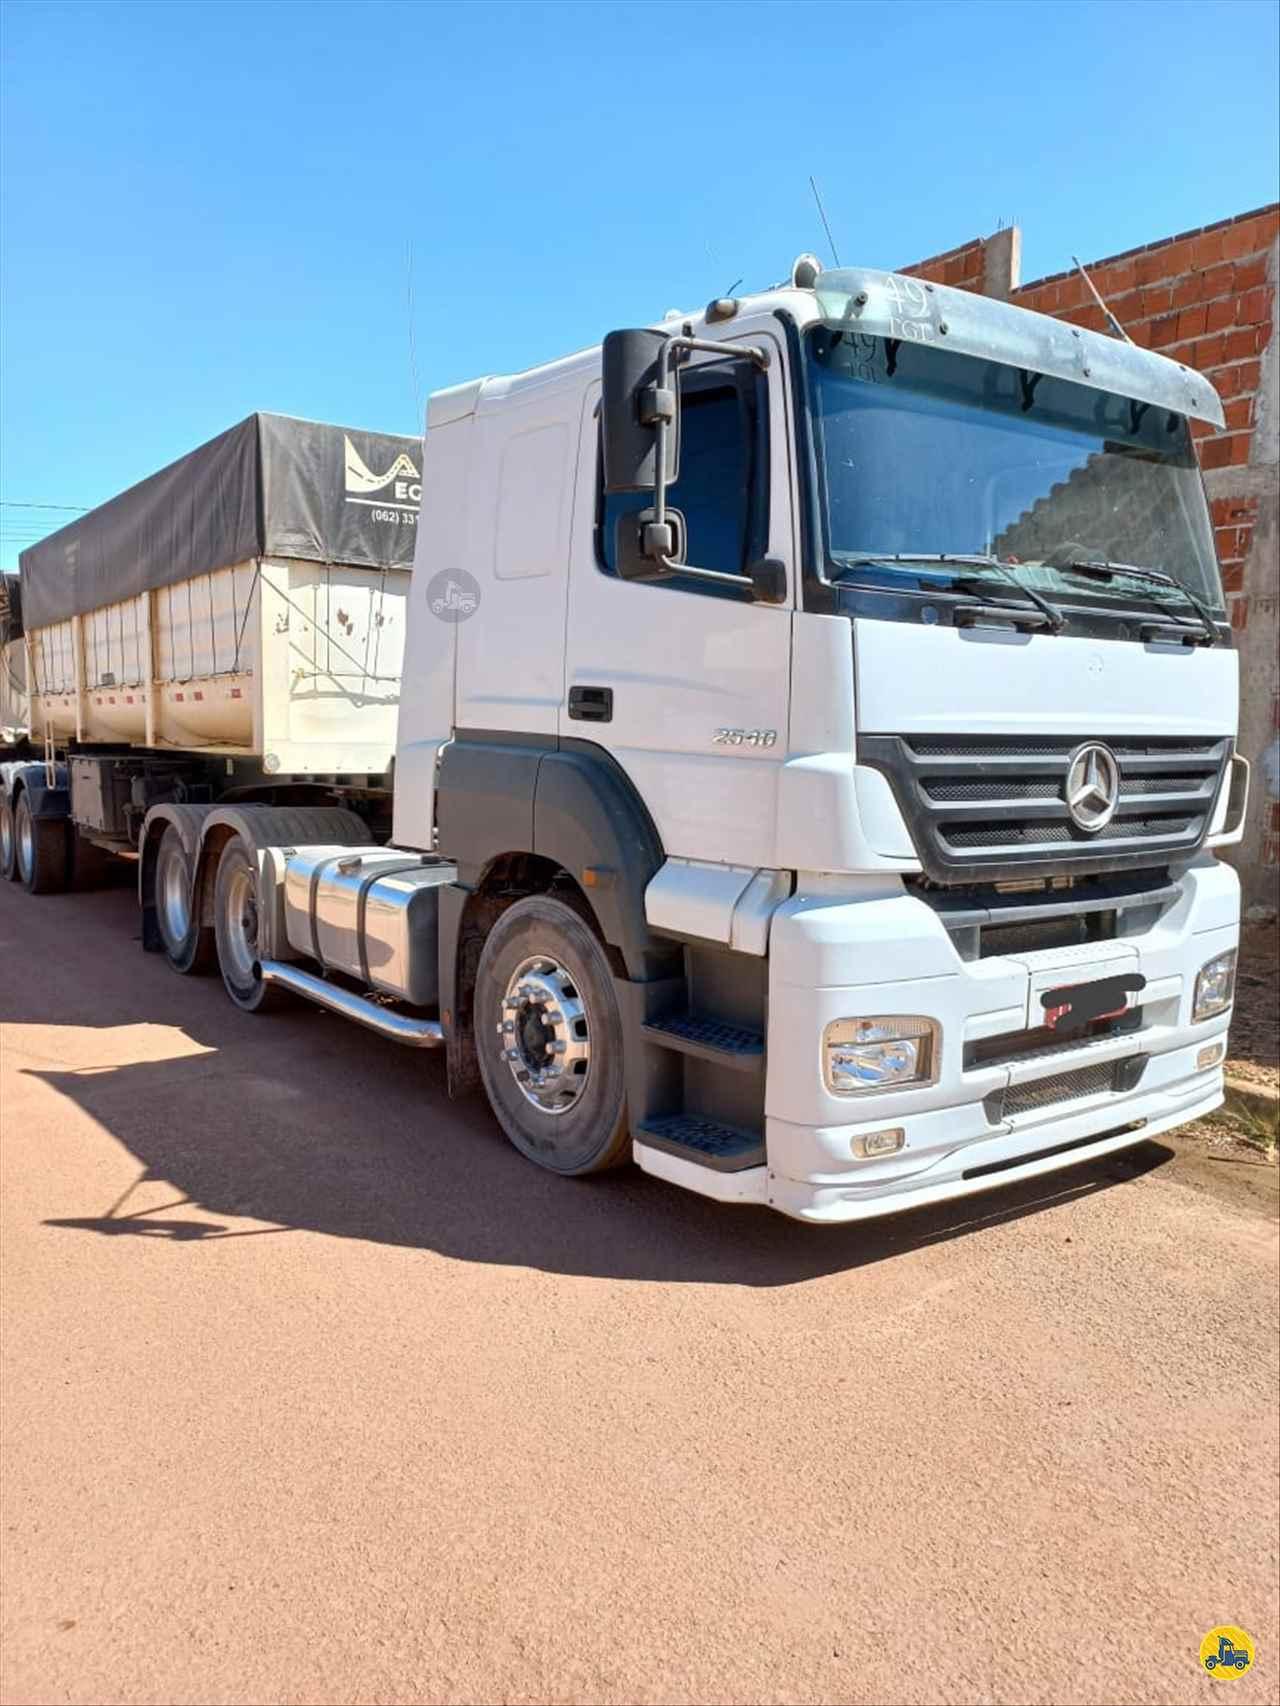 CAMINHAO MERCEDES-BENZ MB 2540 Cavalo Mecânico Truck 6x2 Diogo Caminhões ANAPOLIS GOIAS GO